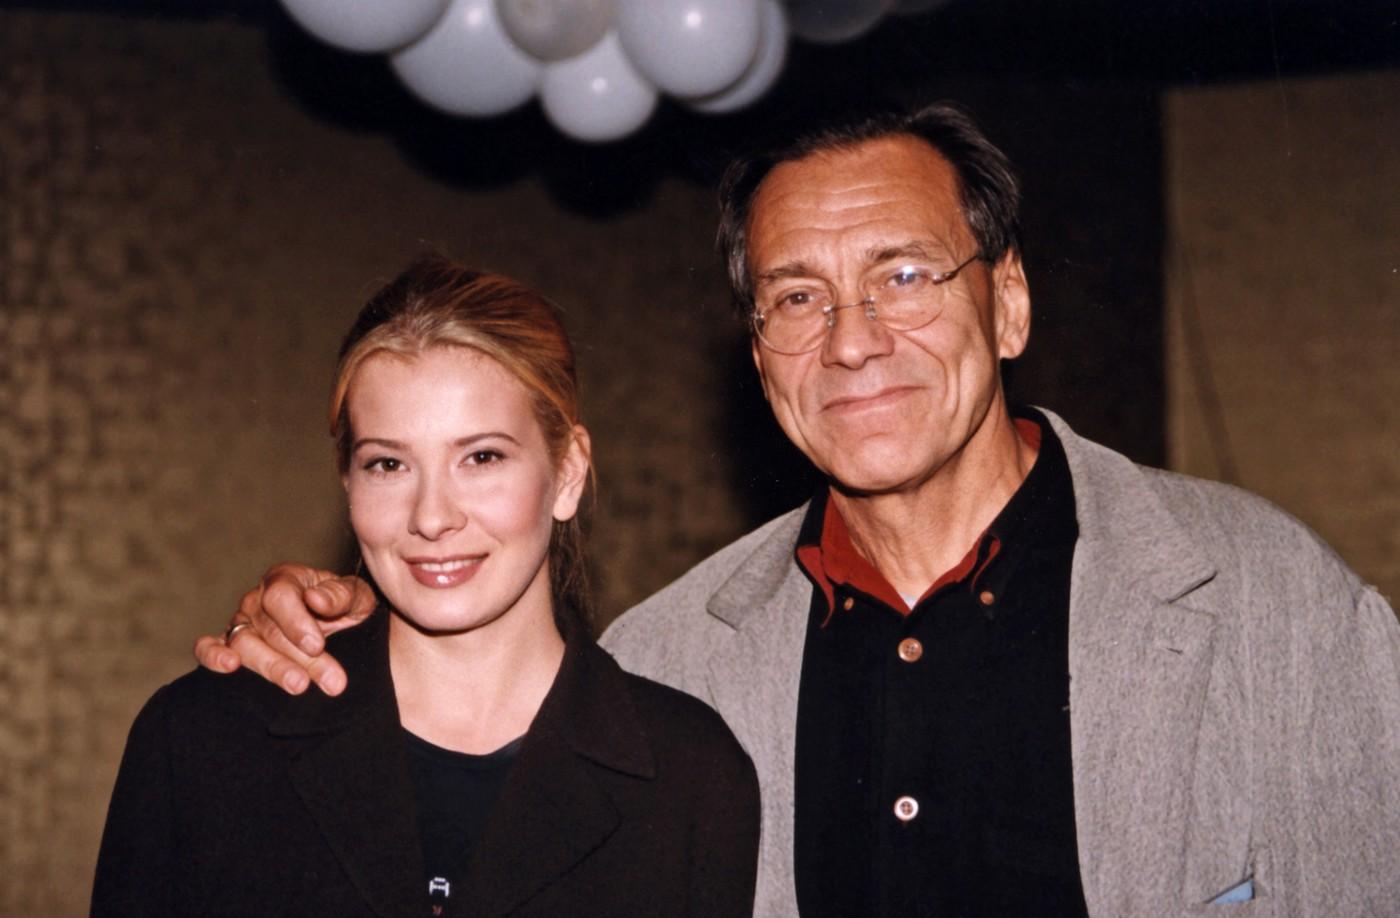 Юлия Высоцкая и Андрей Кончаловский в 90-е